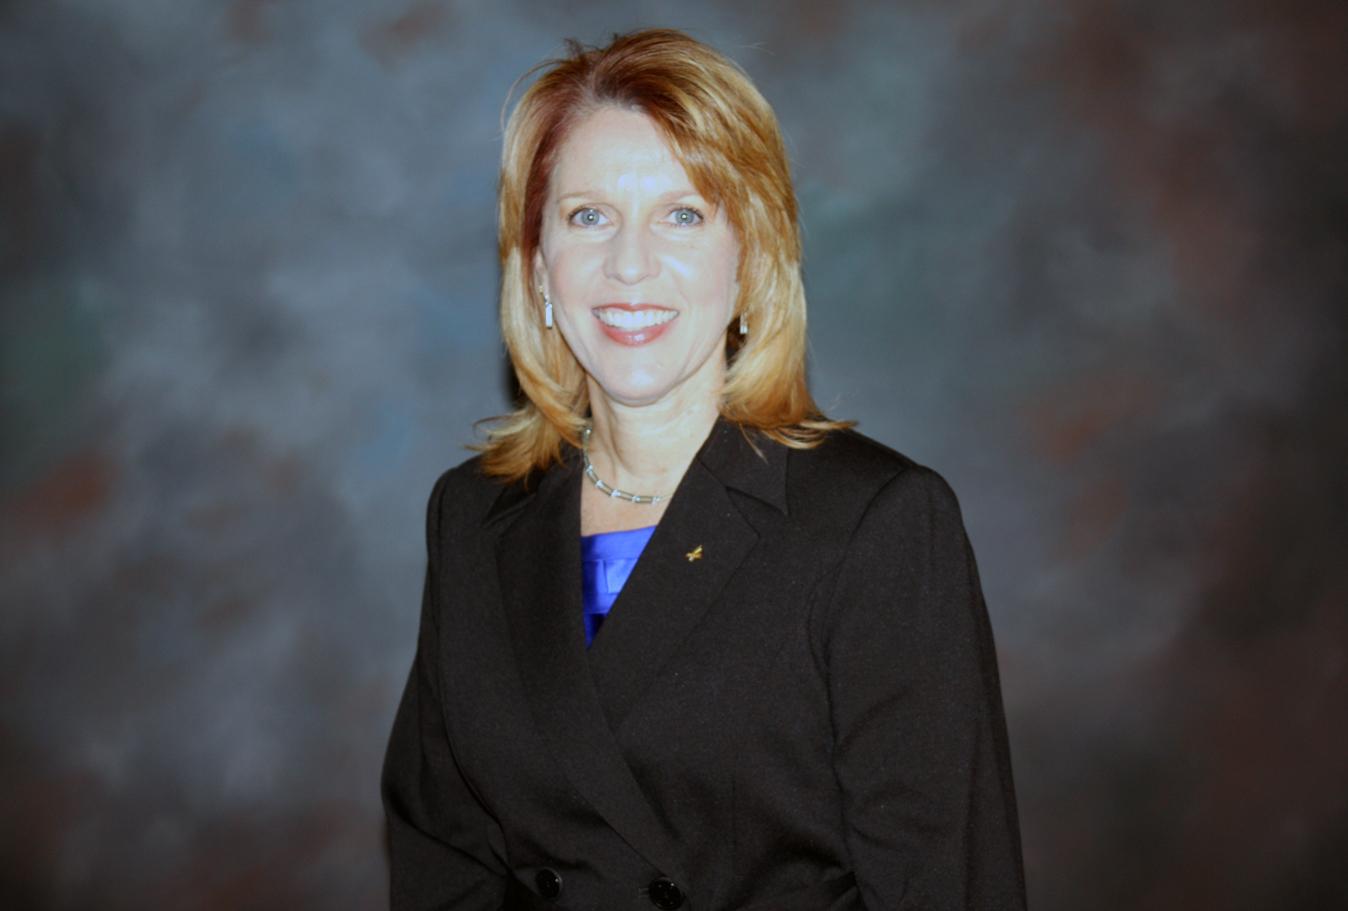 Cathy Evelyn Smith Cathy smith-guinn regions bankCathy Evelyn Smith 2012